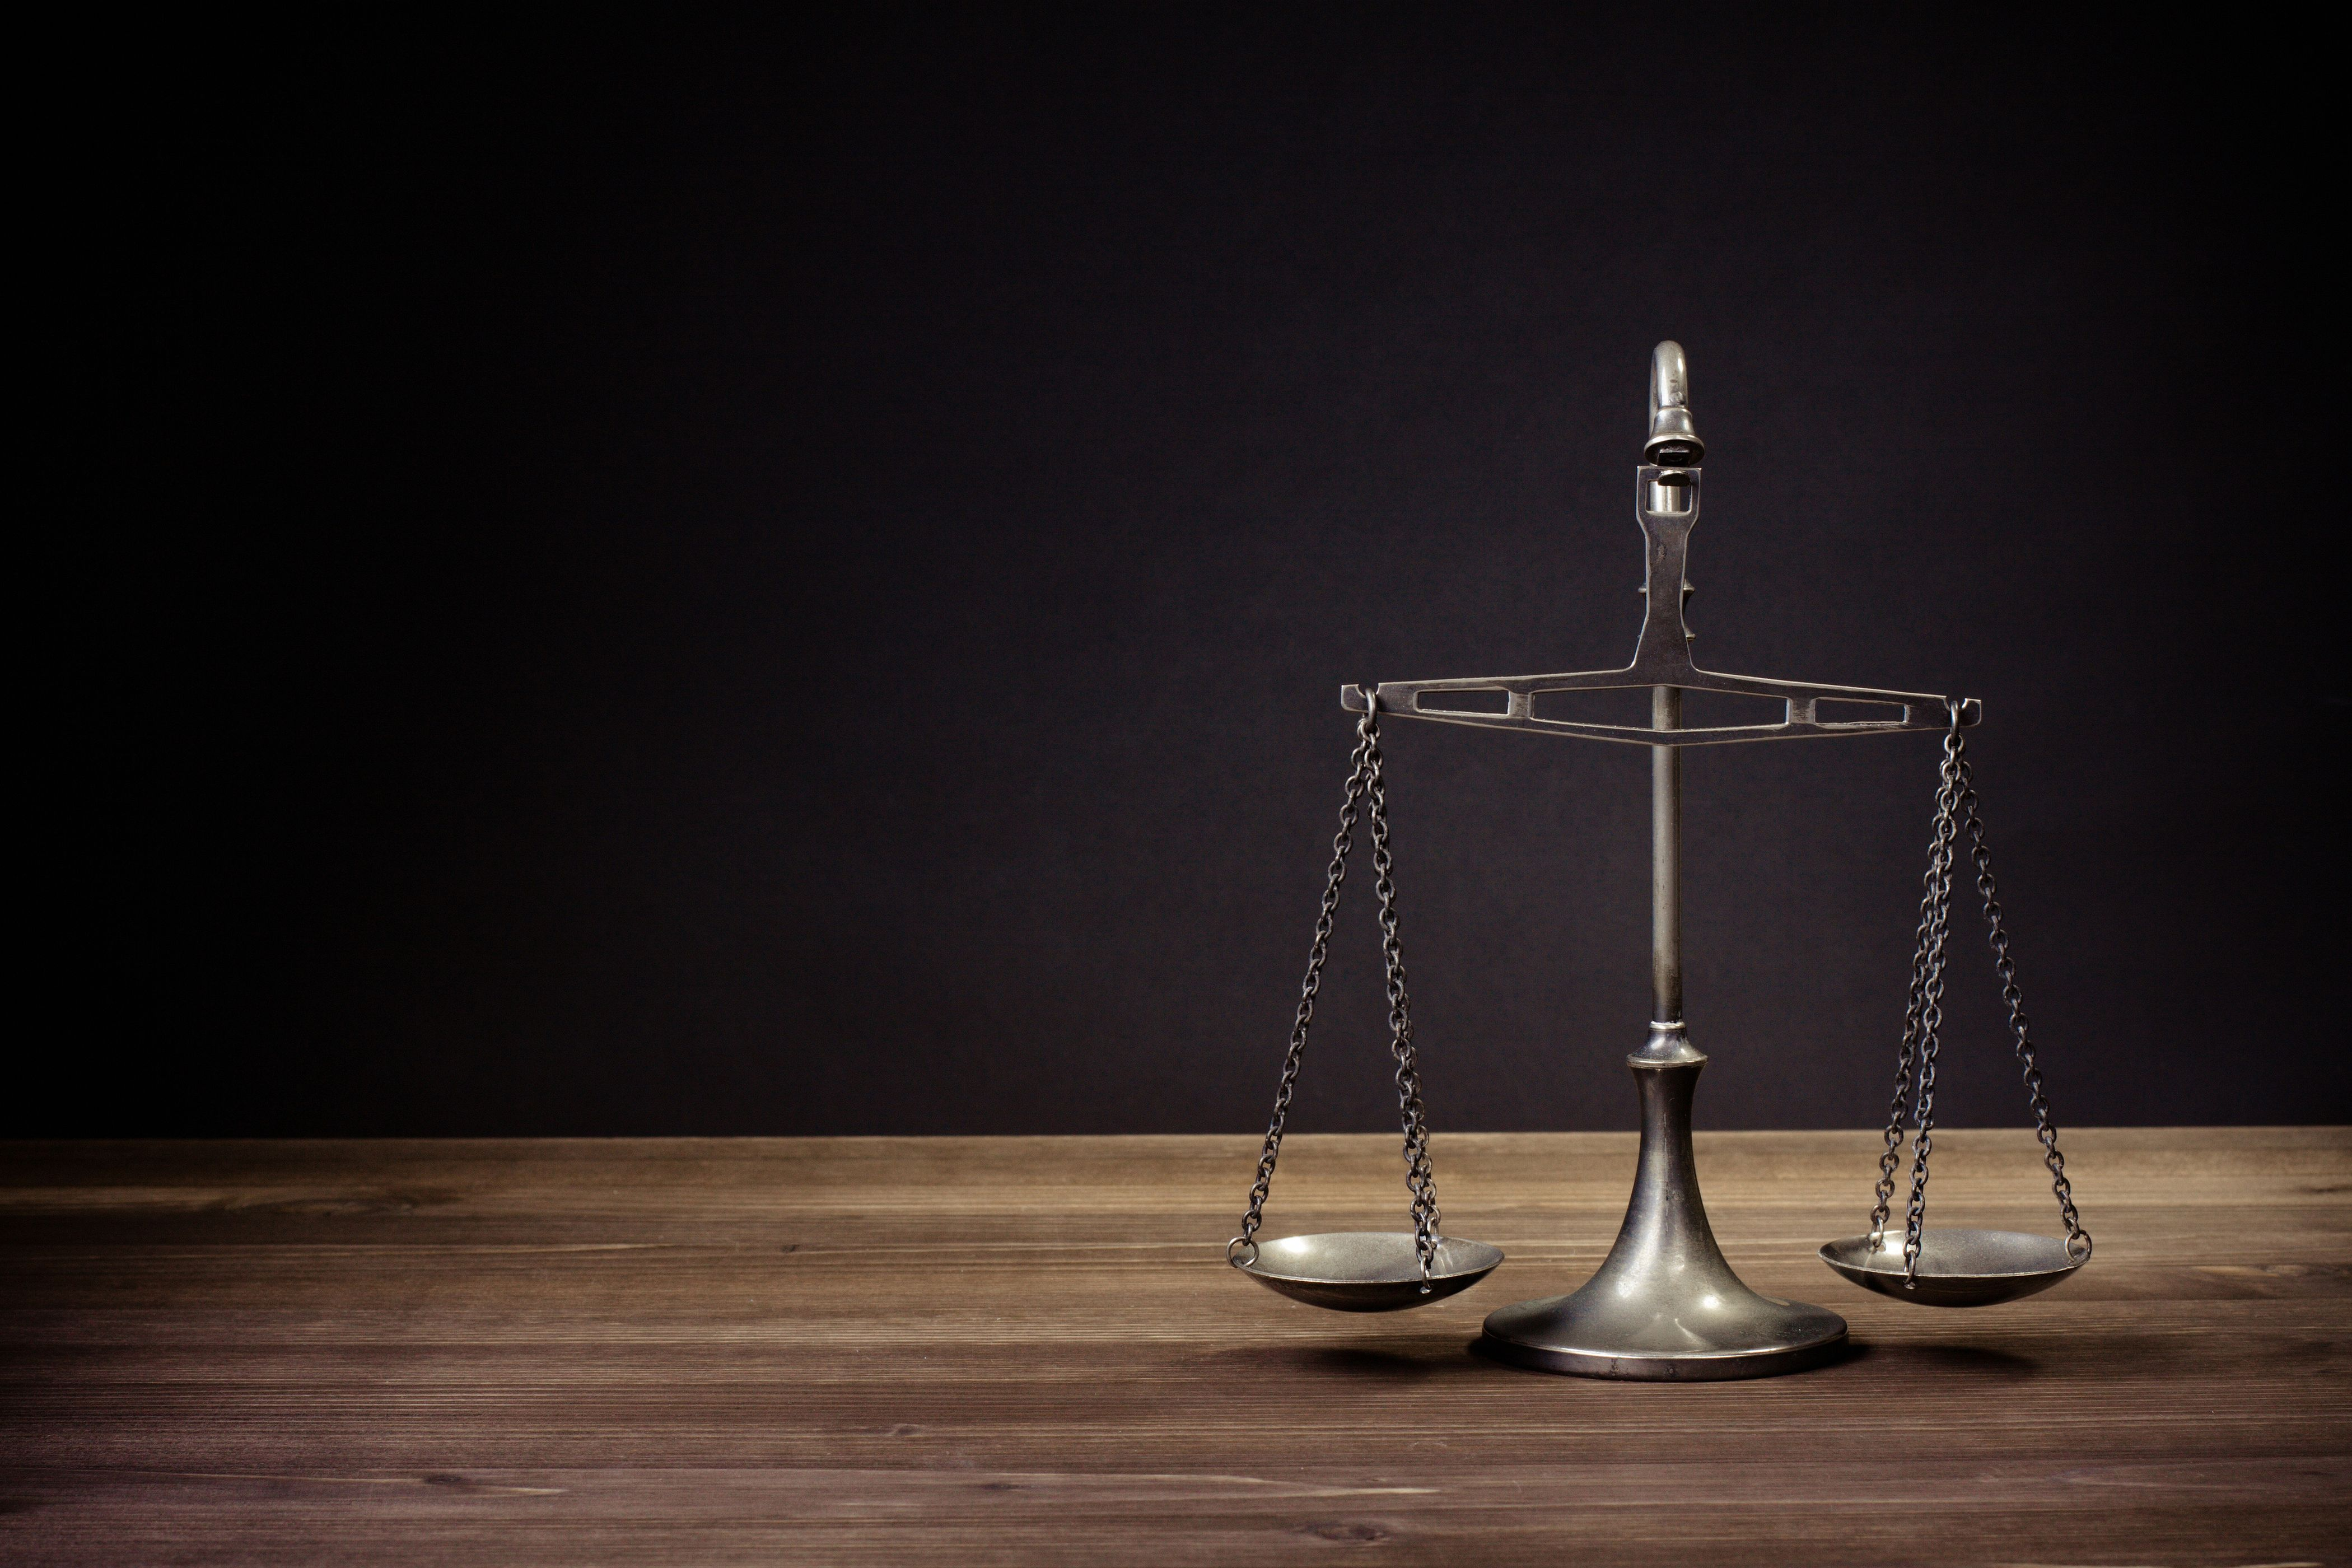 заявление о возбуждении уголовного дела по ст 307 ук рф образец